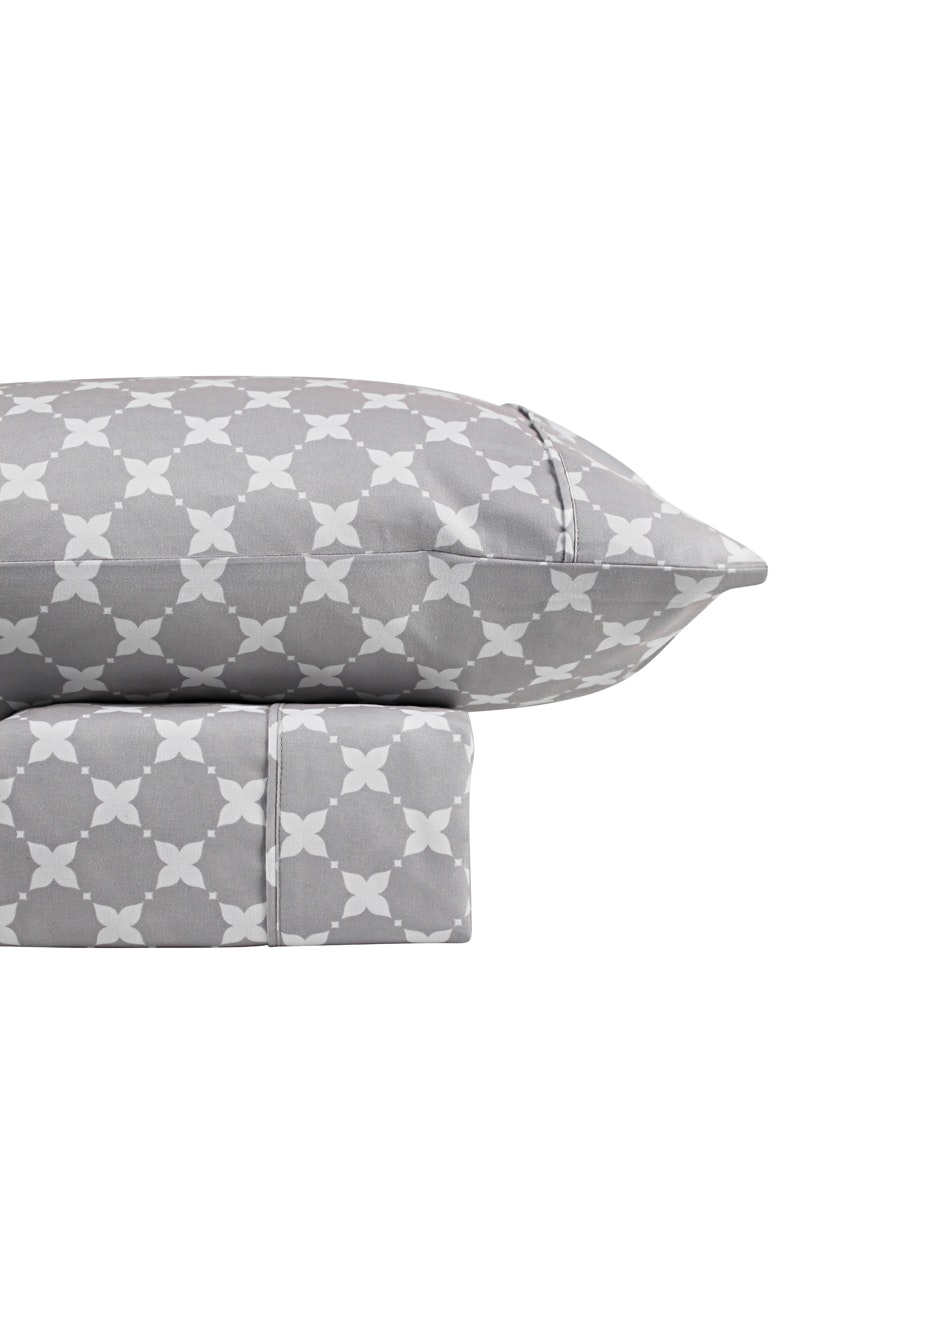 Thermal Flannel Sheet Sets - Aspen Design - Glacier - Queen Bed